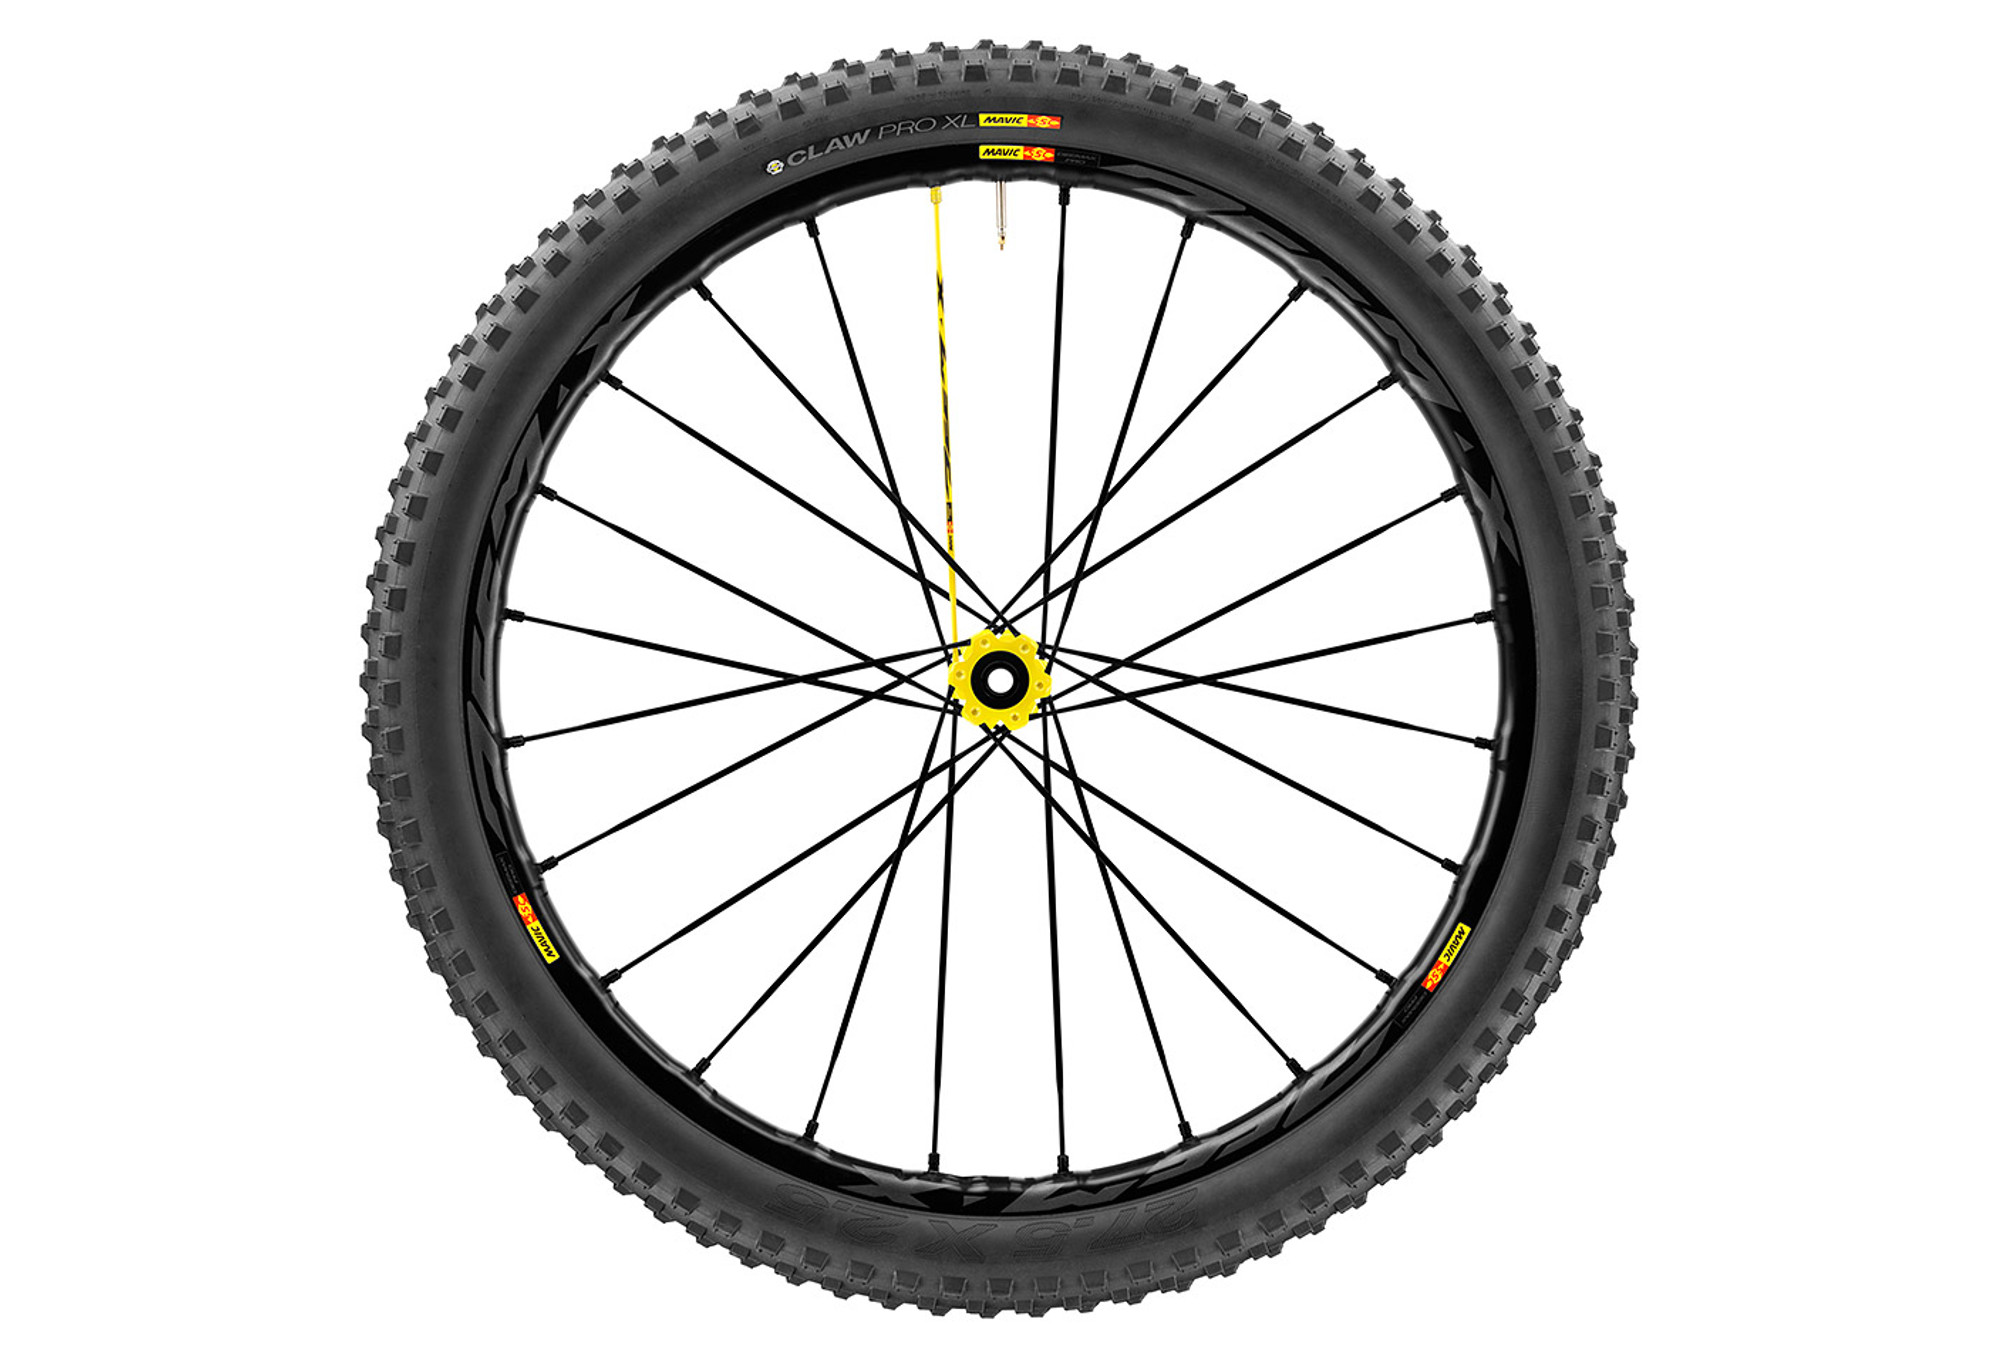 bc2a18197c9 MAVIC Front Wheel 2017 Deemax Pro WTS 27.5 | 15mm | Claw Pro XL 2.50 ...